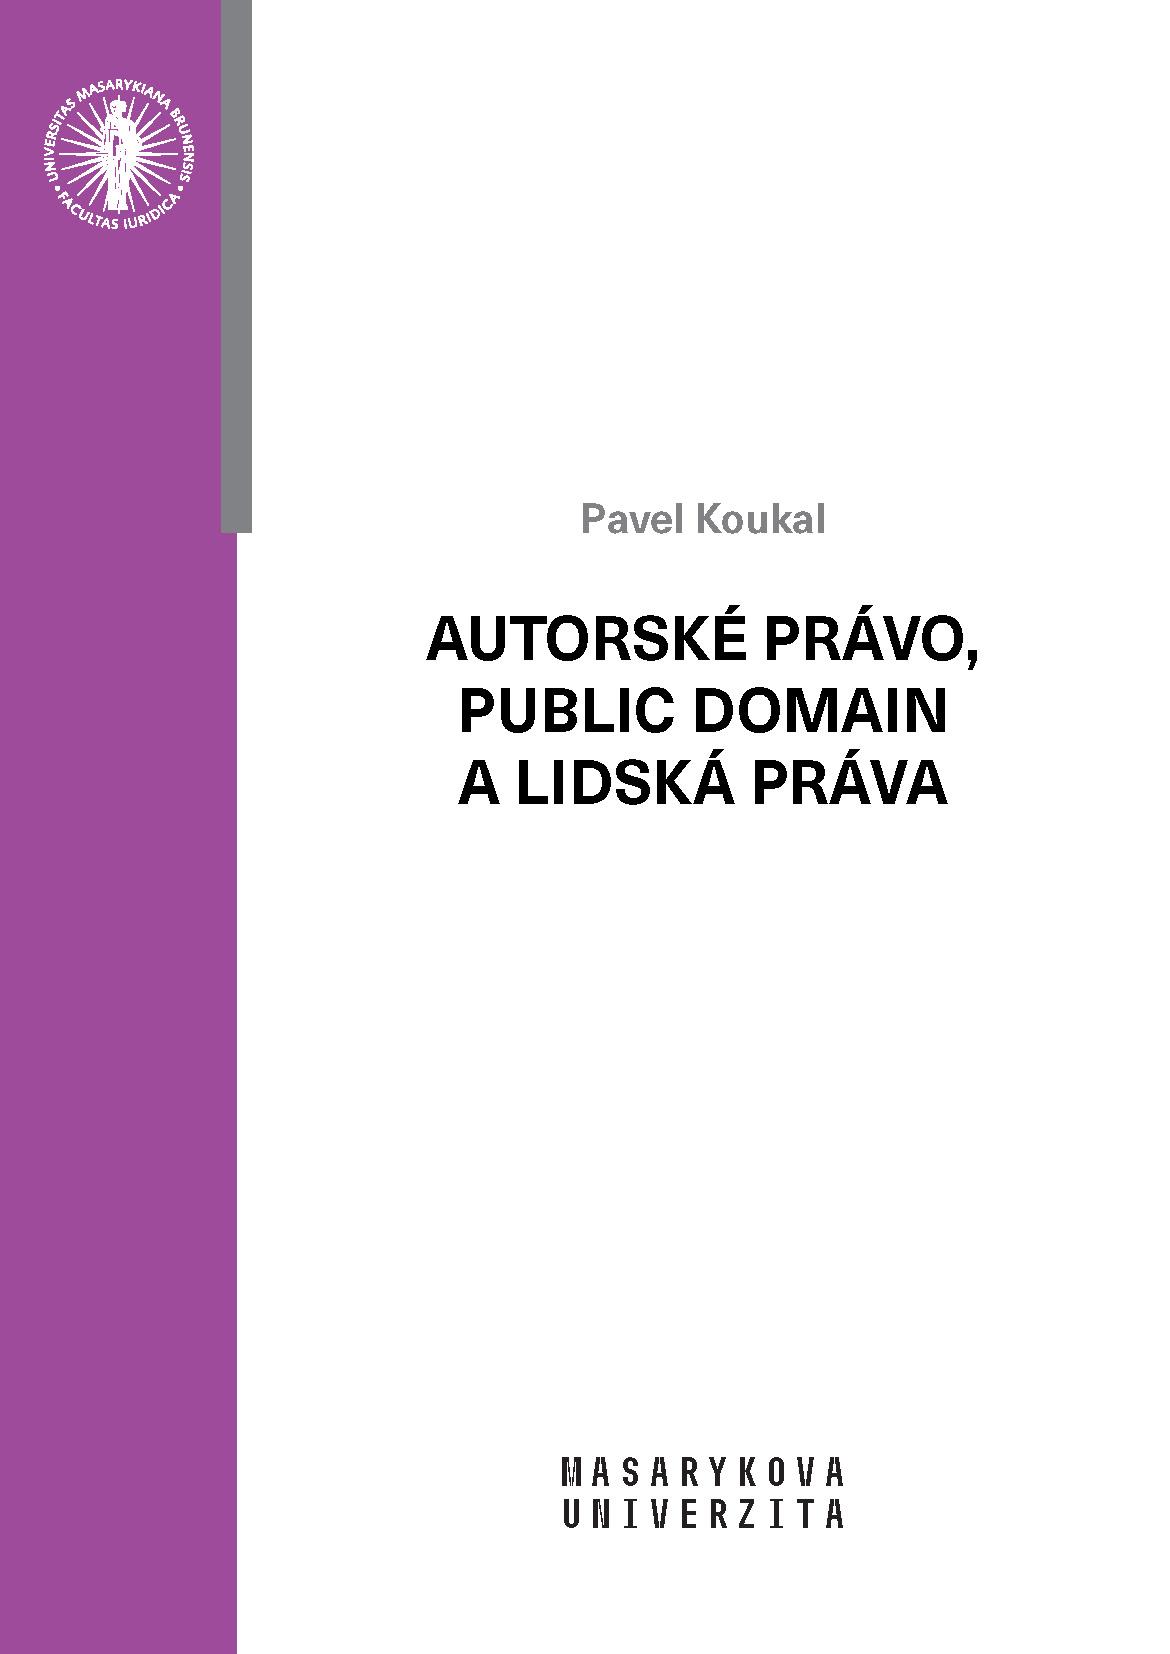 Obálka pro Autorské právo, public domain a lidská práva